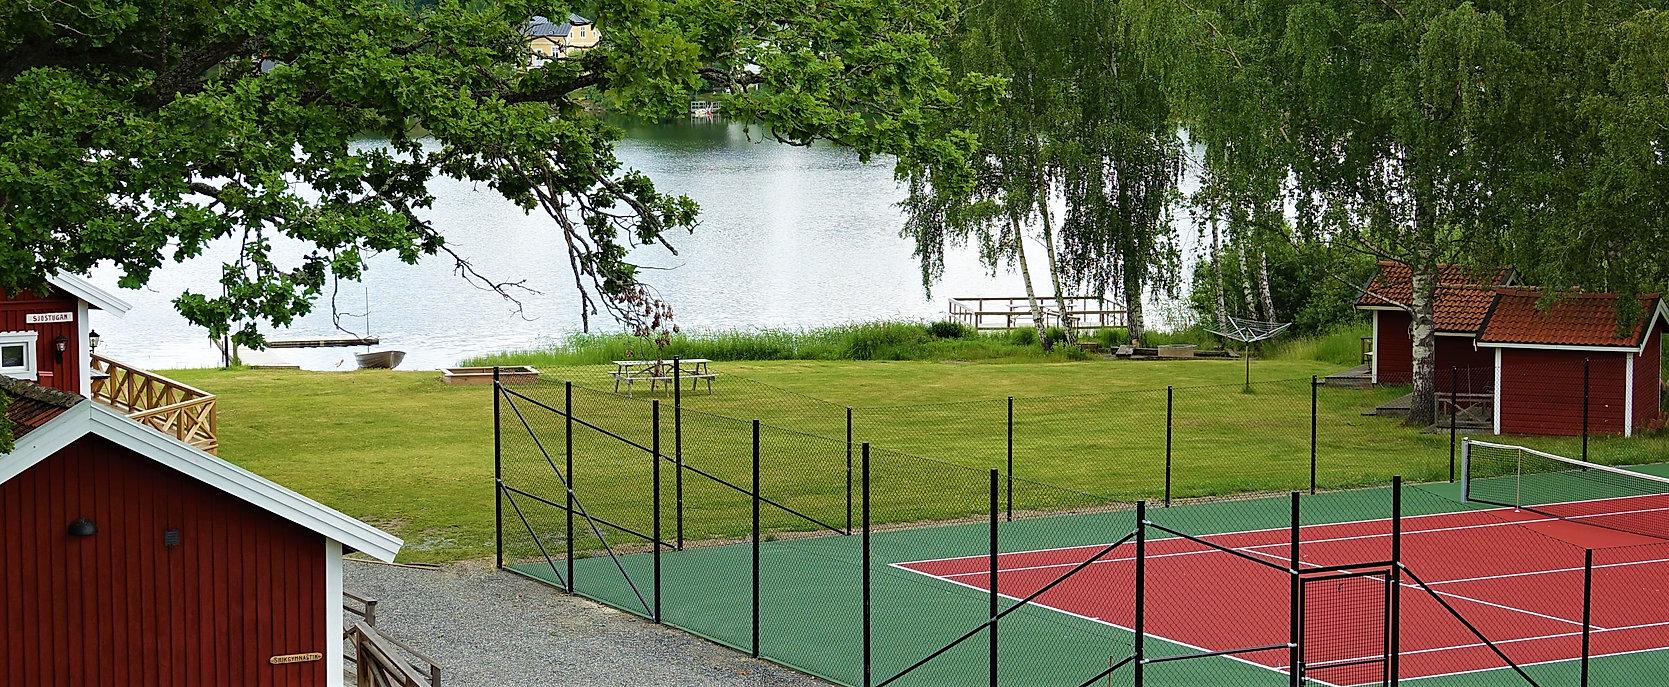 Idrottsgården tennisbana och sjöutsikt